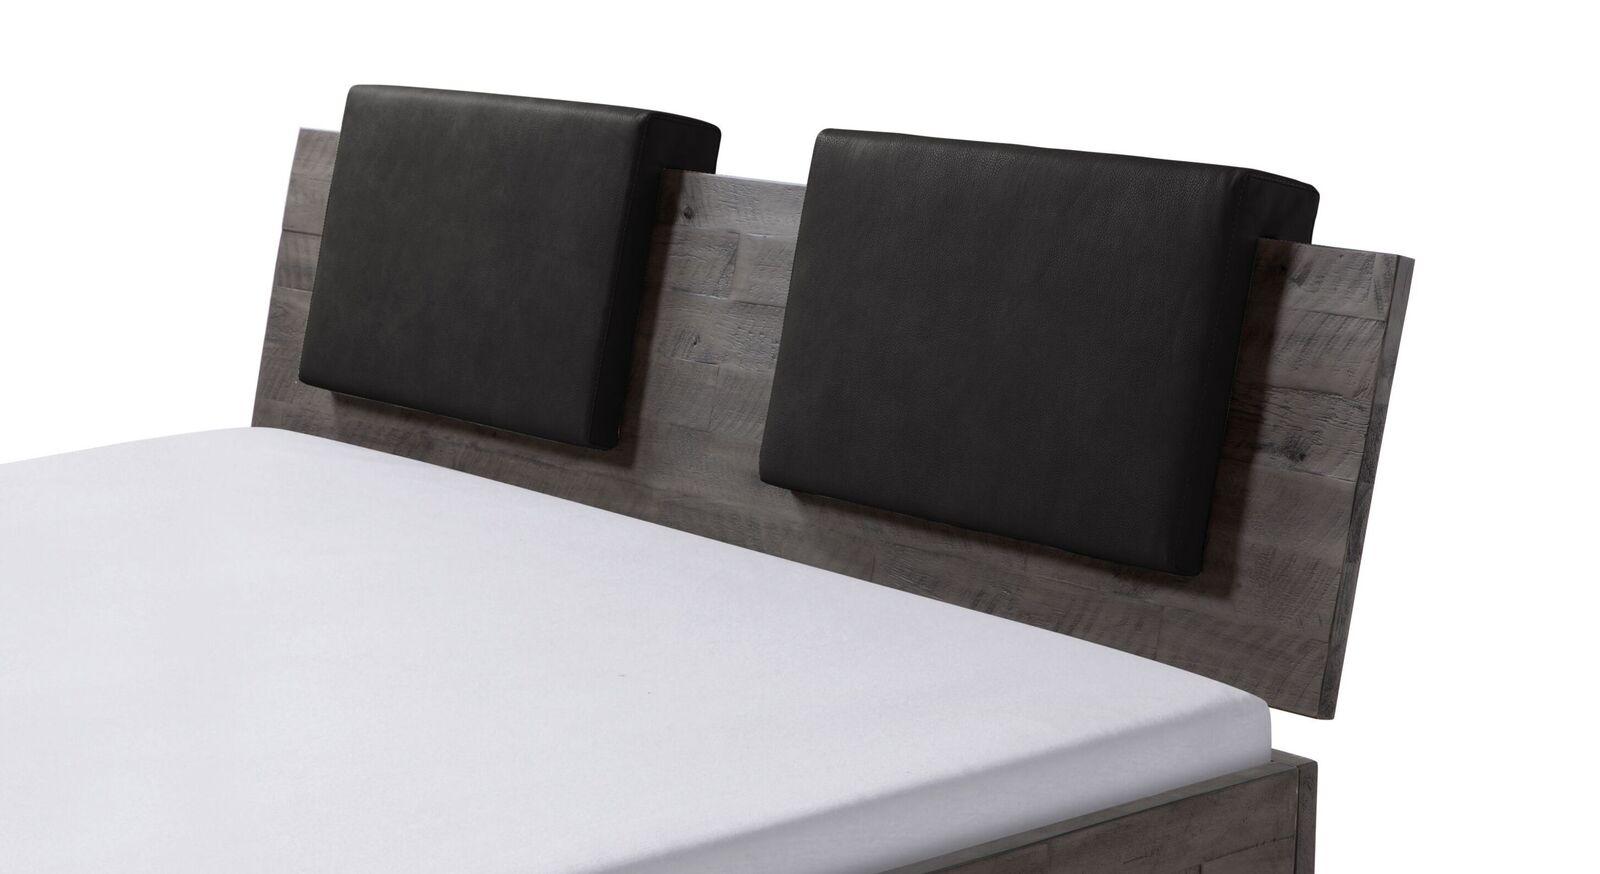 Einsteck-Kissen Rimini mit Luxus-Kunstlederbezug in Schwarz